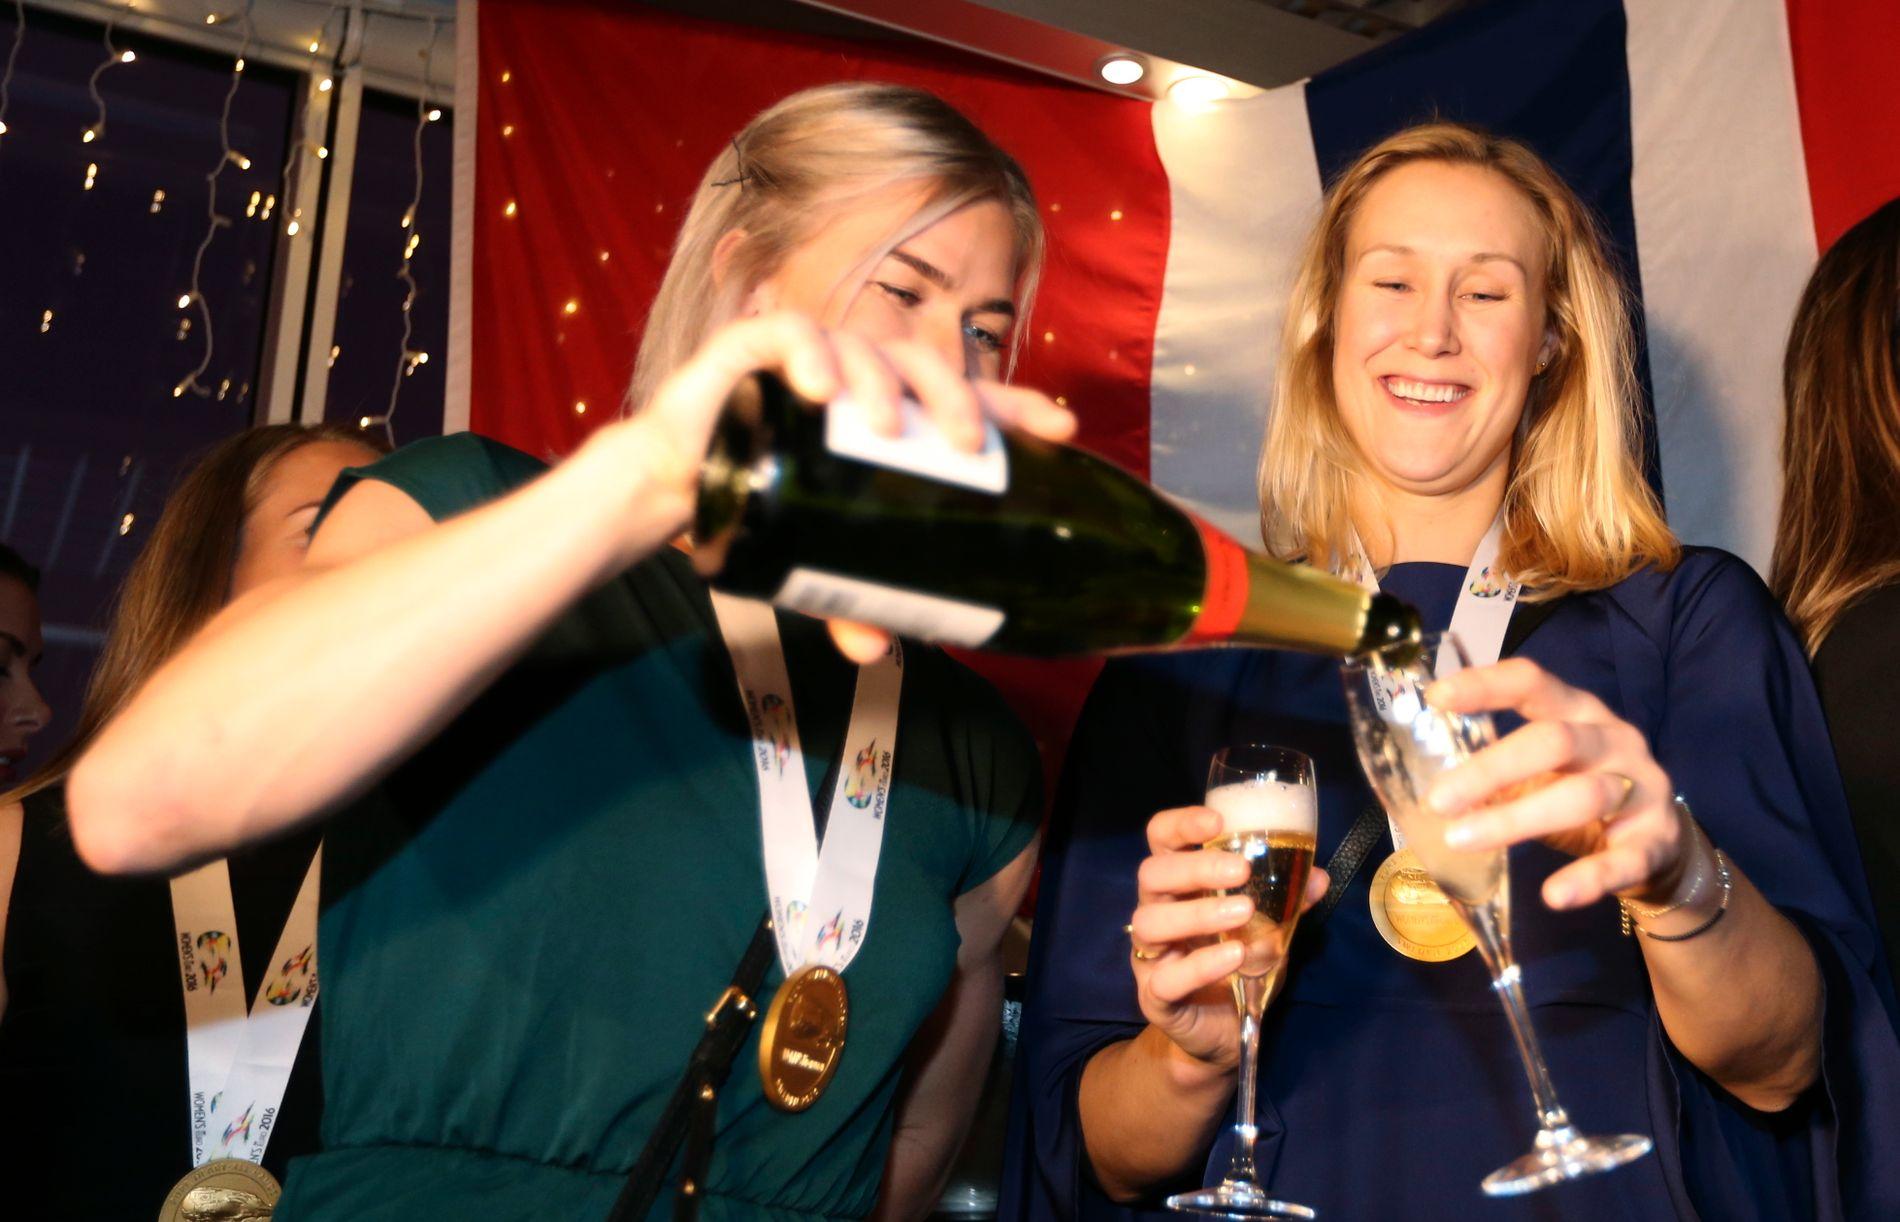 GULLSKÅL: Marit Malm Frafjord feiret EM-gullet ved å bli servert edle dråper av Veronica Kristiansen på seiersfesten i natt.